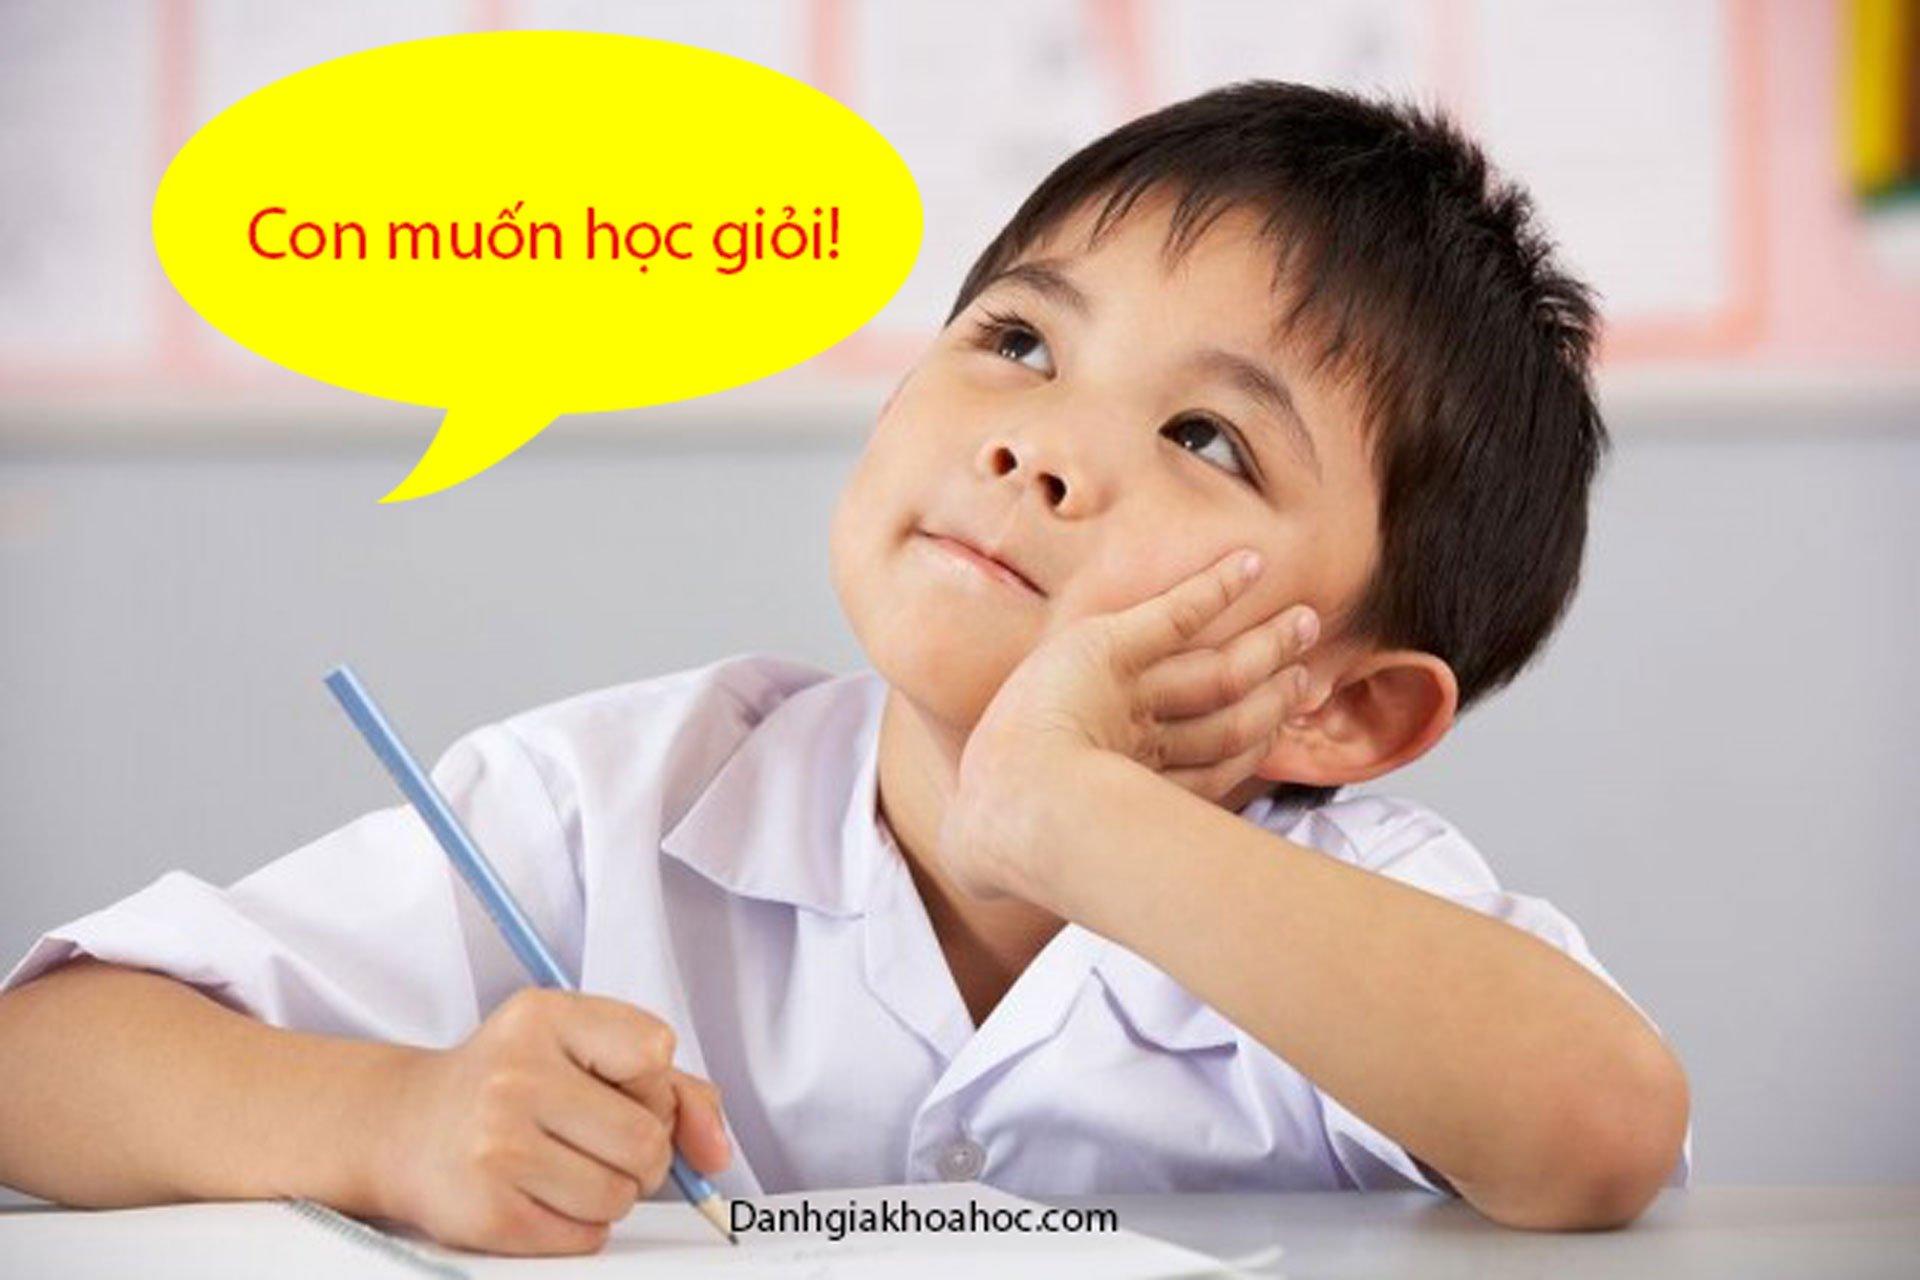 Bộ khóa học online giúp con học giỏi